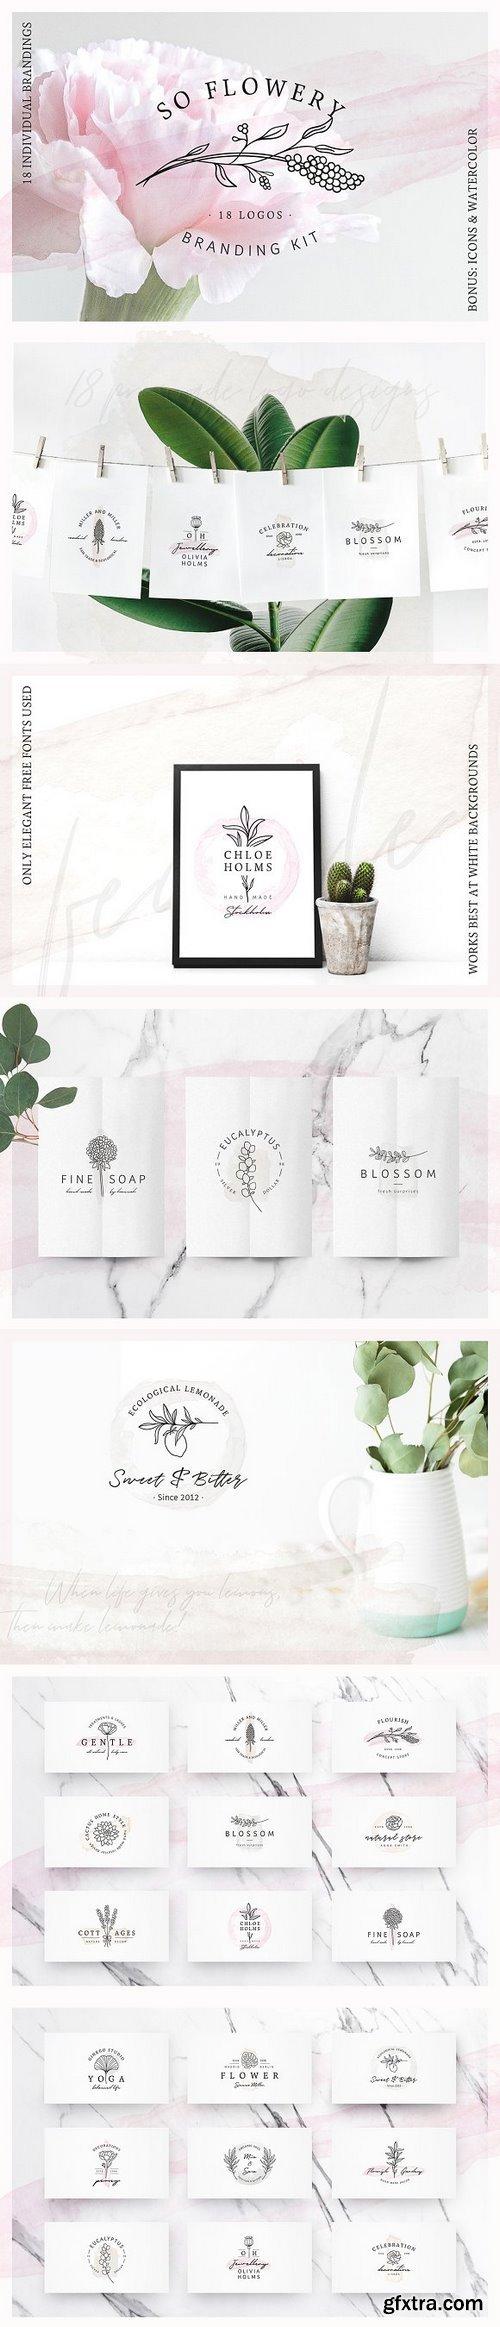 CM - So Flowery Branding Kit+Watercolours 2311711